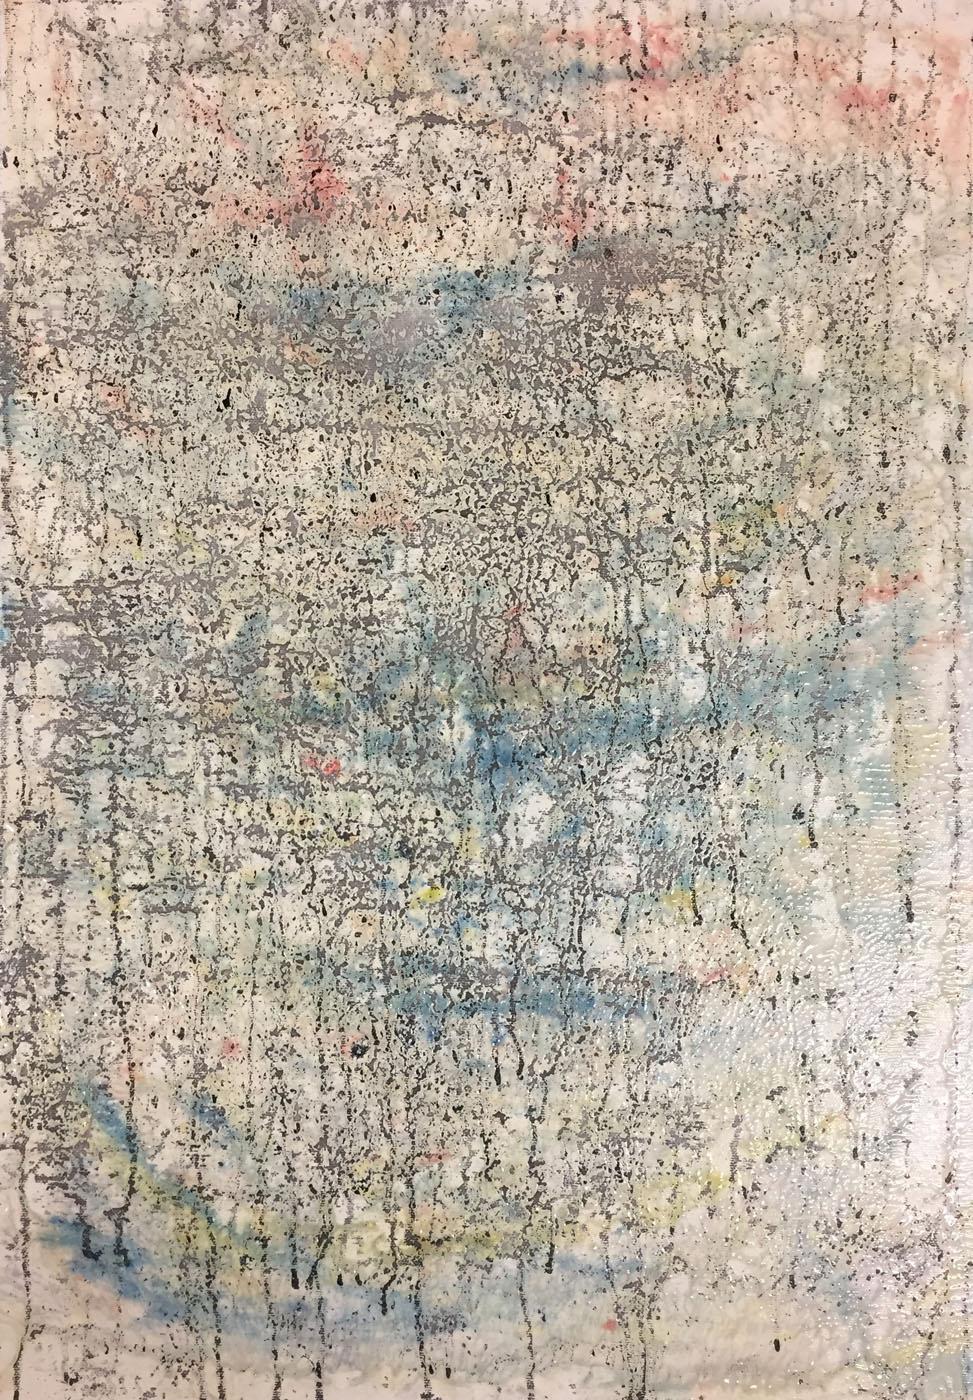 MARC FELD 2019 DÉCOHÉRENCE Huile, pigment, acrylique et gouache sur toile 46 x 56 cm